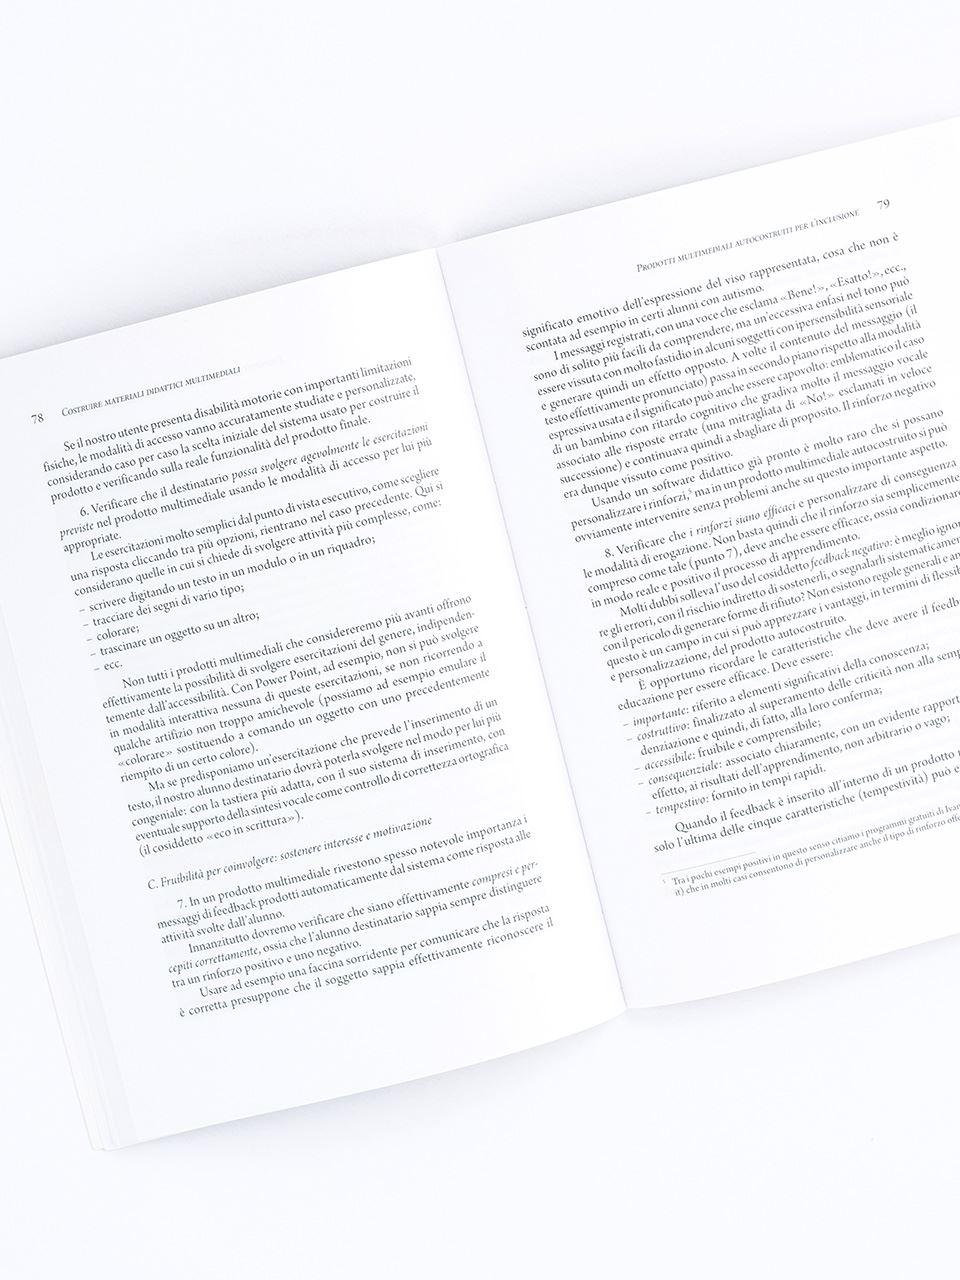 Costruire materiali didattici multimediali - Libri - Erickson 2